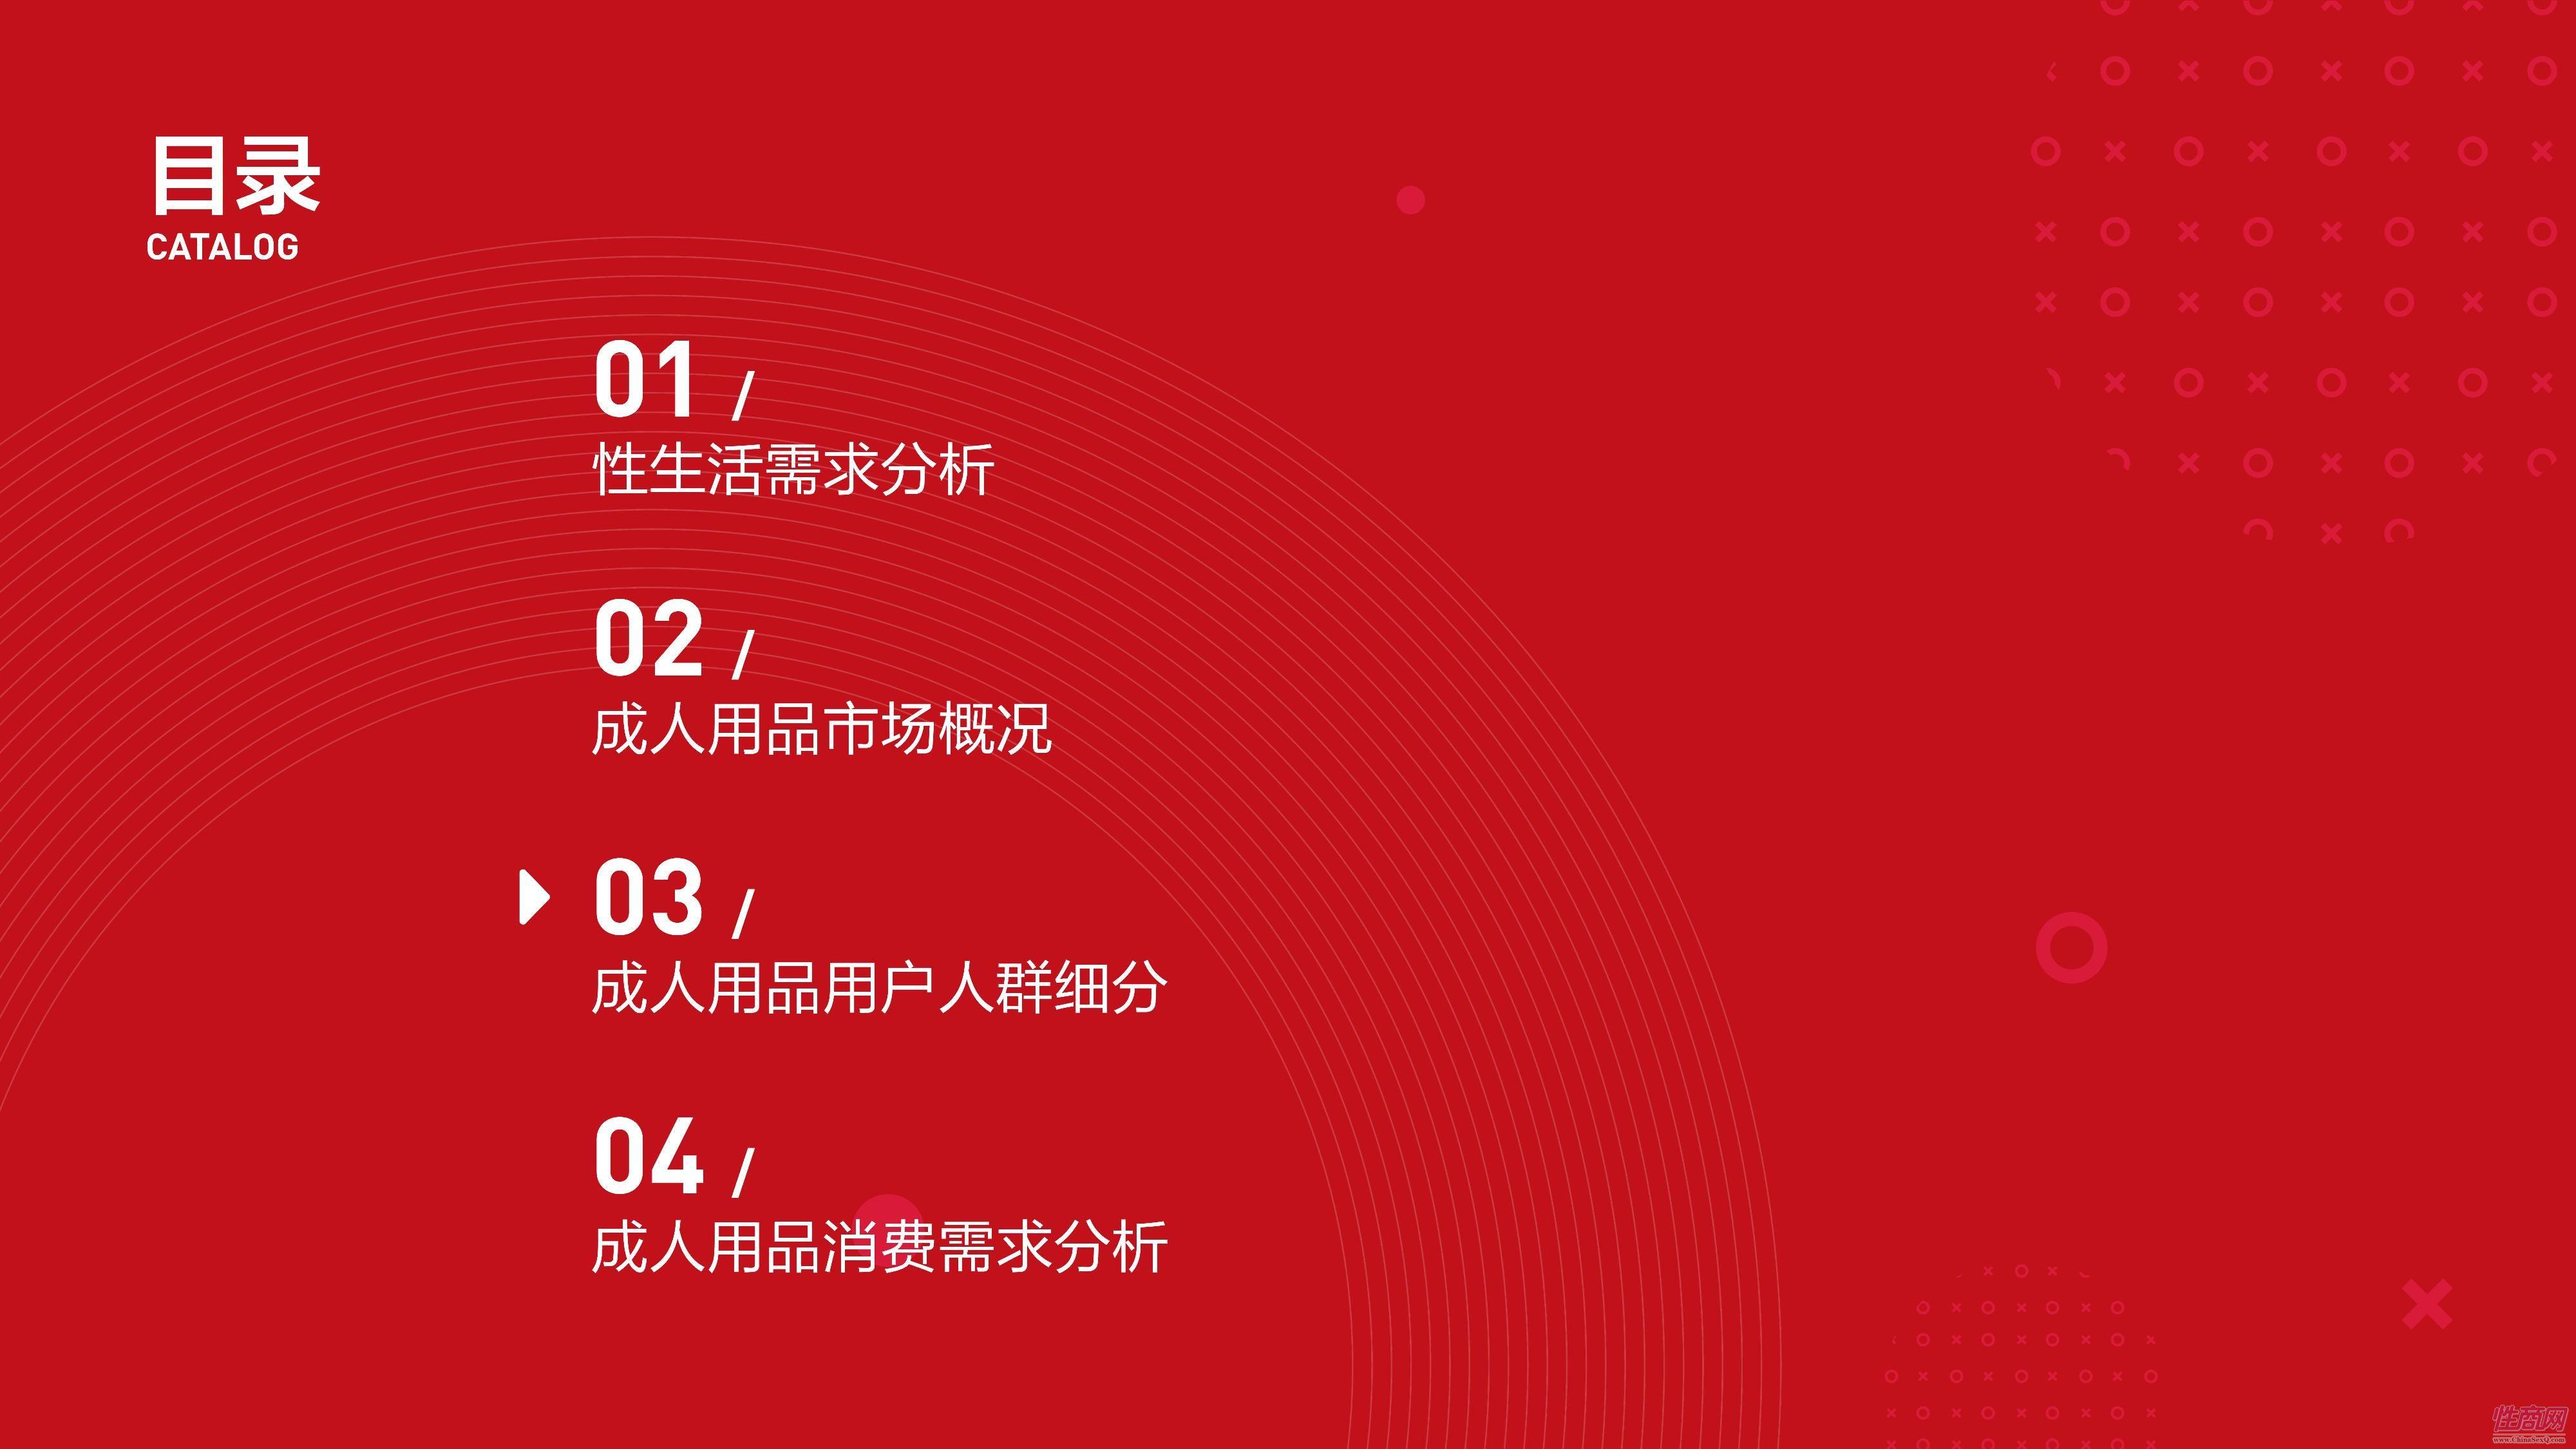 18中国8090性福报告 (18)